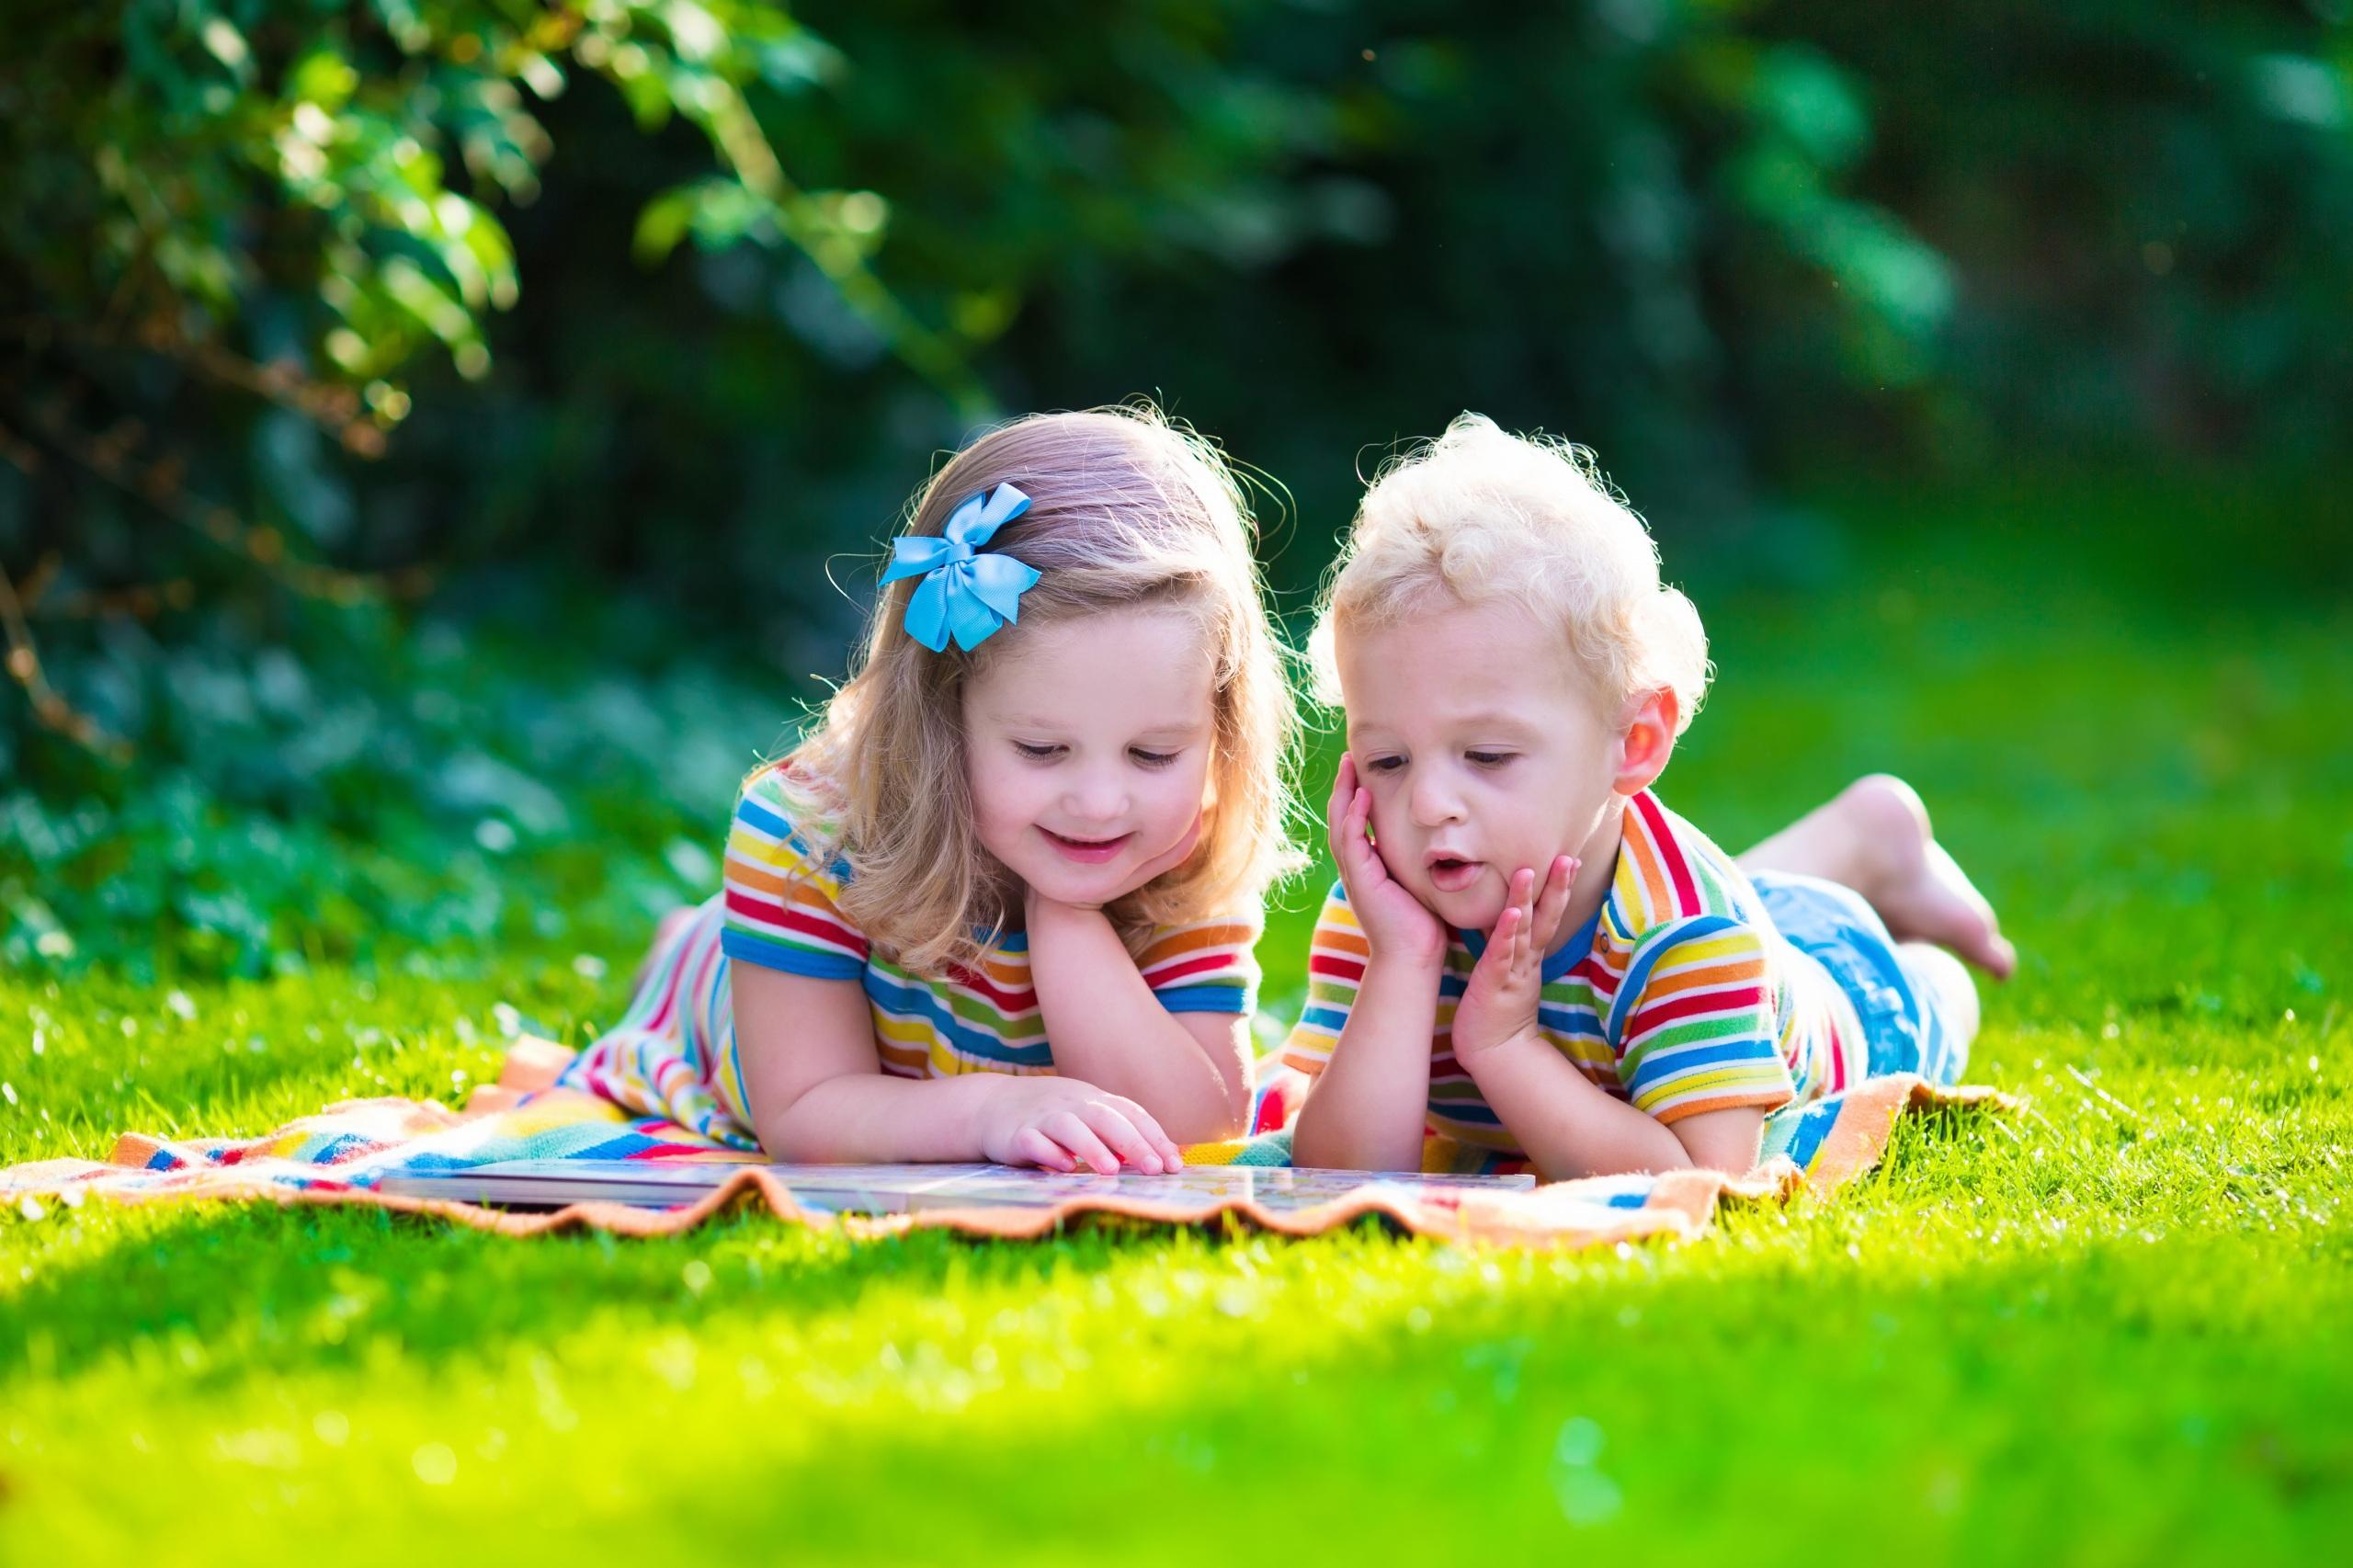 Фото мальчика и девушка, Boy And Girl Love Фото со стоков и изображения 23 фотография